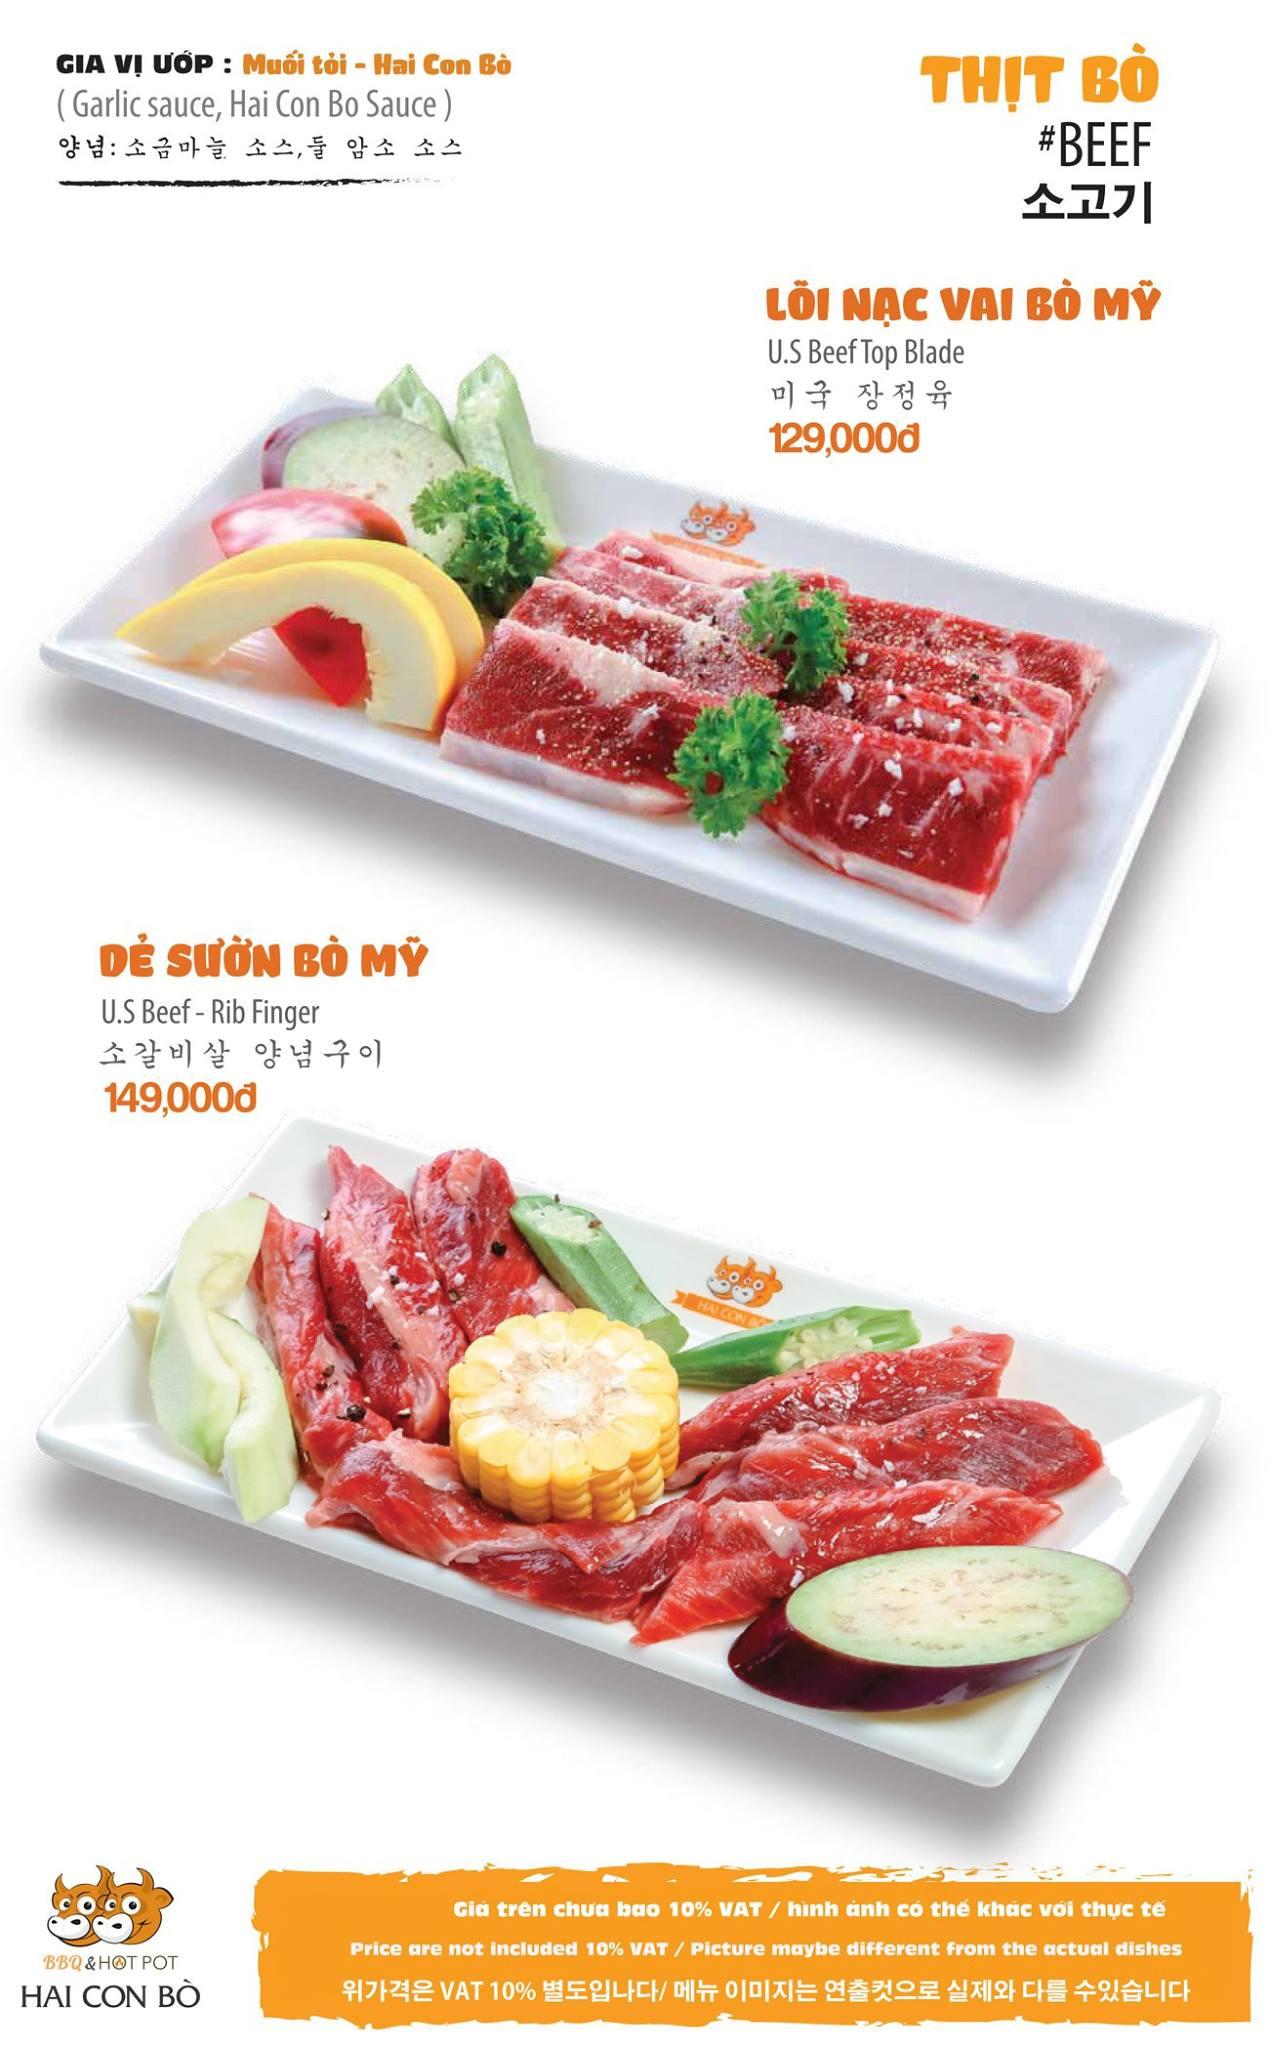 Hai Con Bò BBQ menu thịt